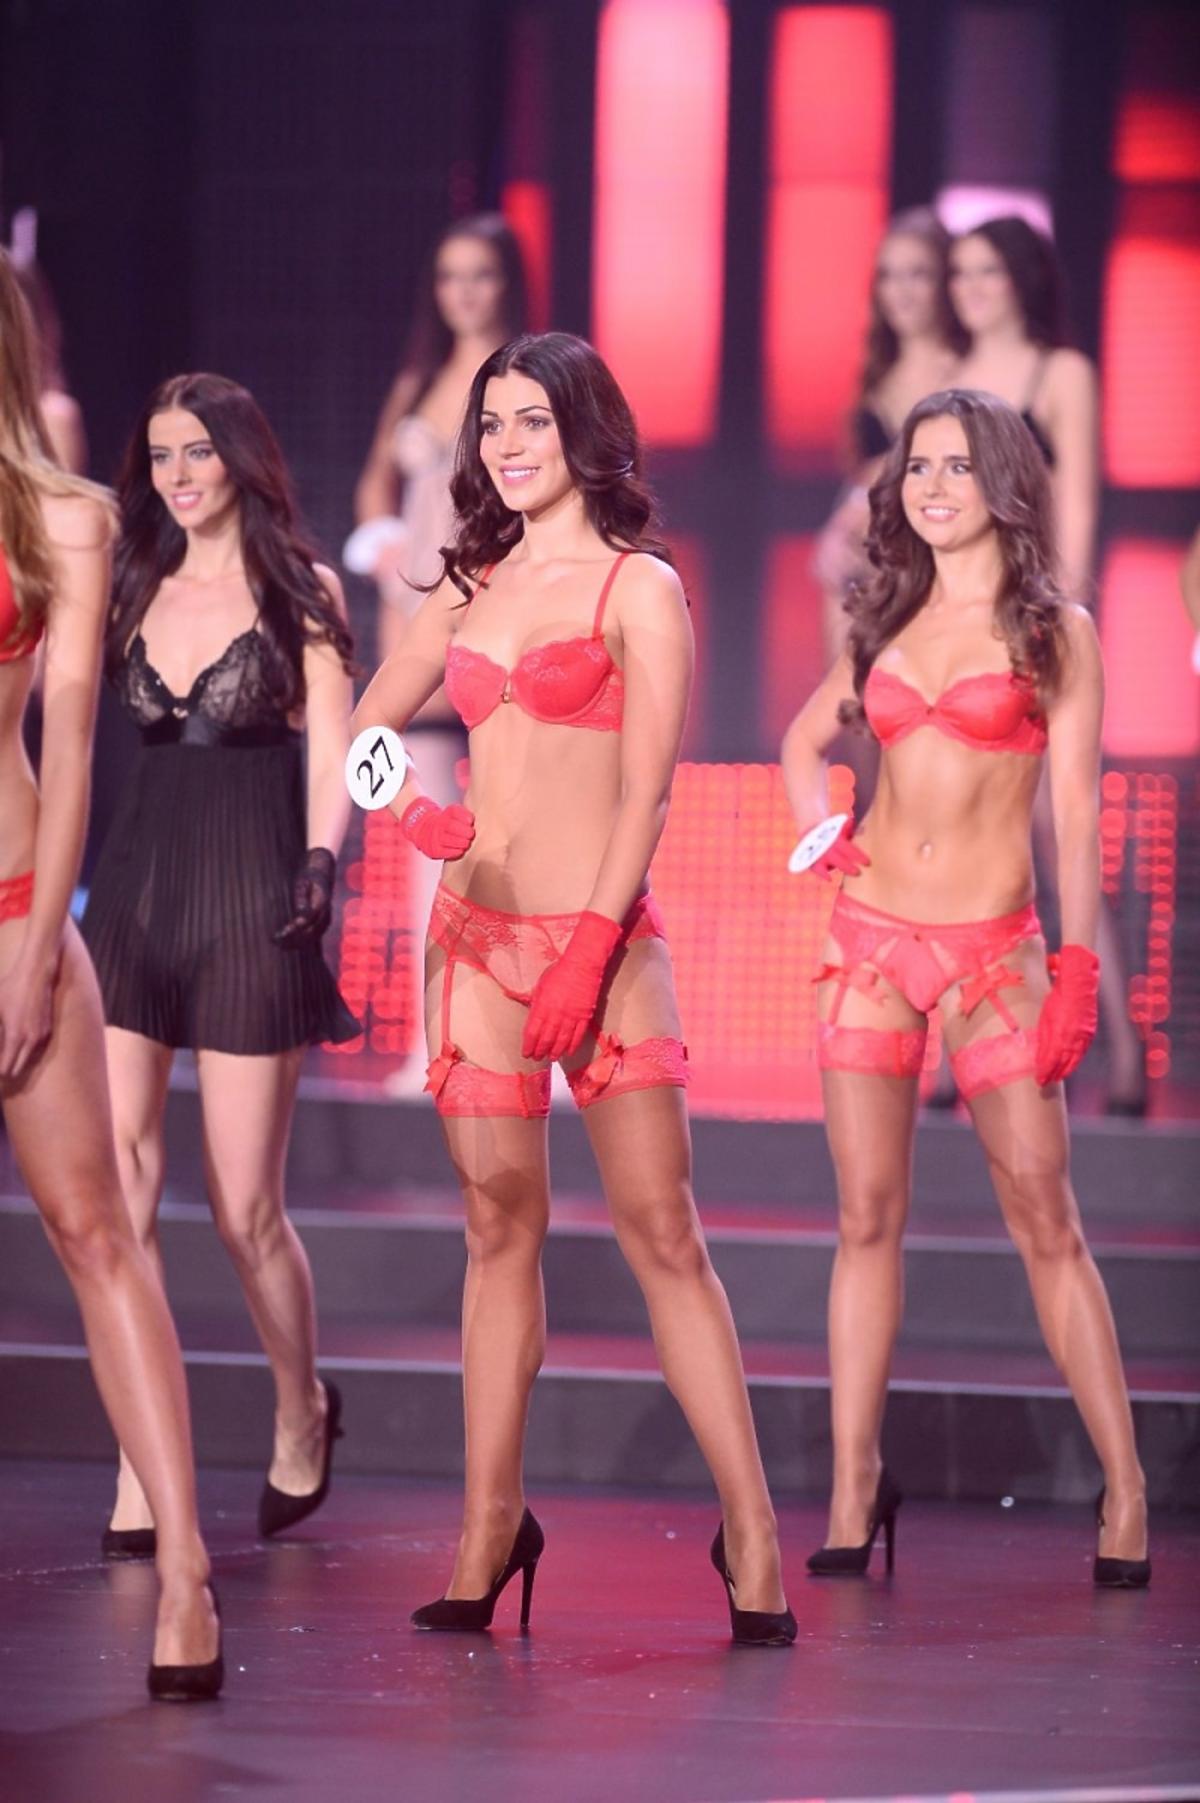 Kandydatki na Miss Polski 2015 w strojach kąpielowych